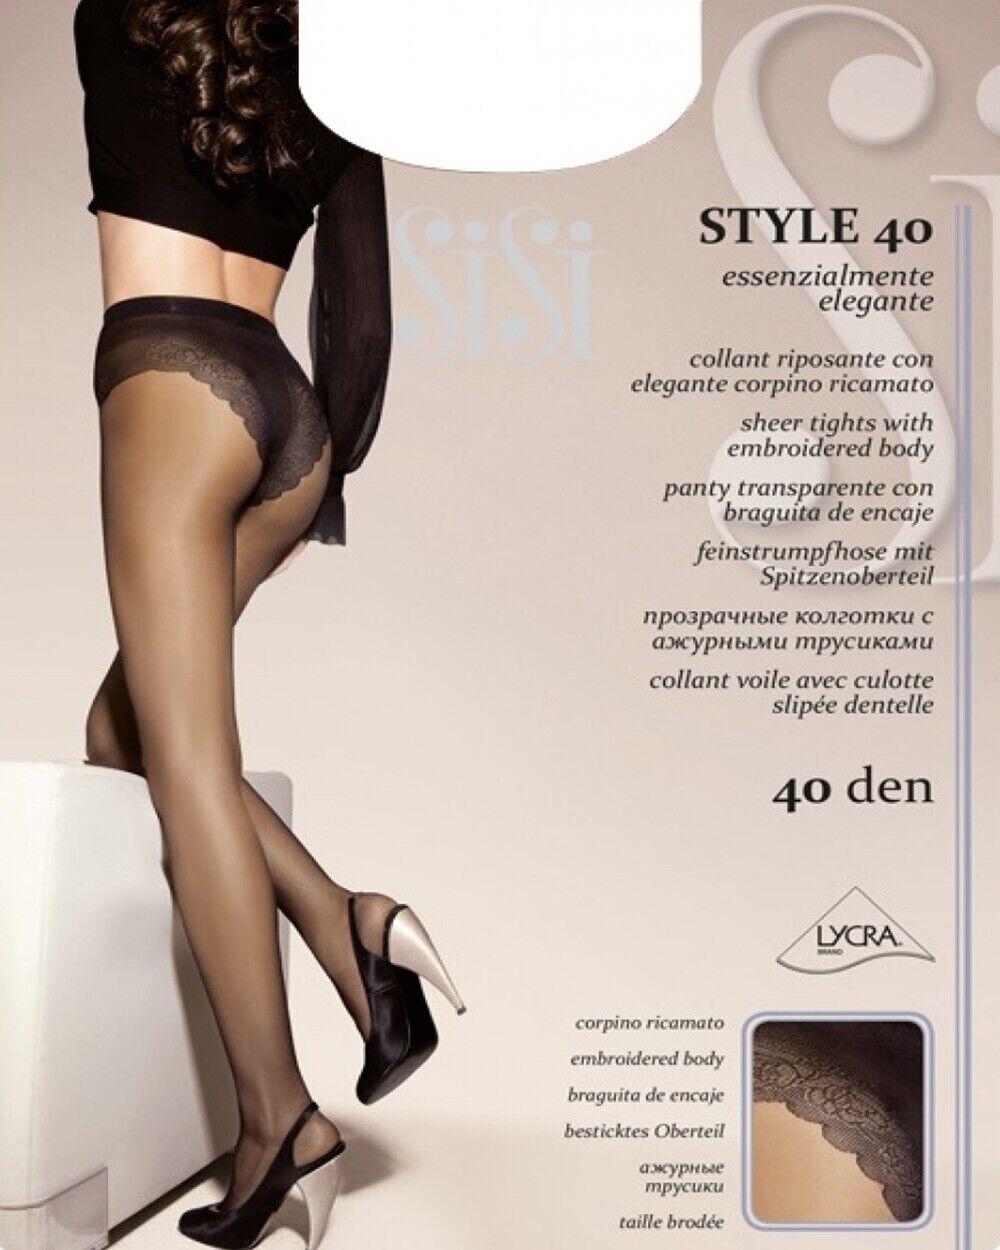 Sisi Stil 40 Strumpfhose Schleier Mit Unterhose Slipée Spitze - Größe 2/3/4/5